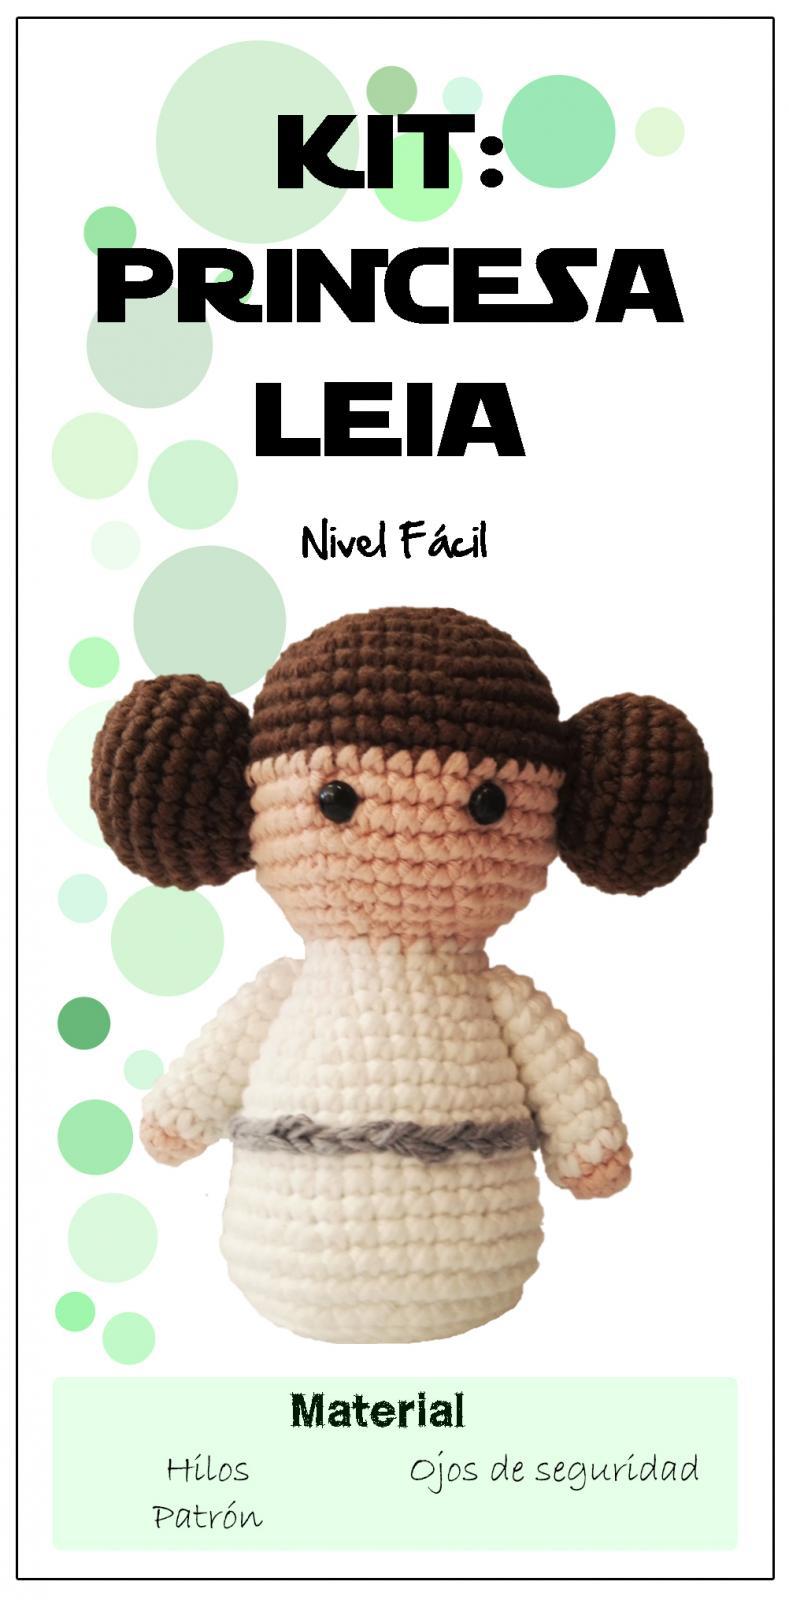 Kit Princesa Leia amigurumi